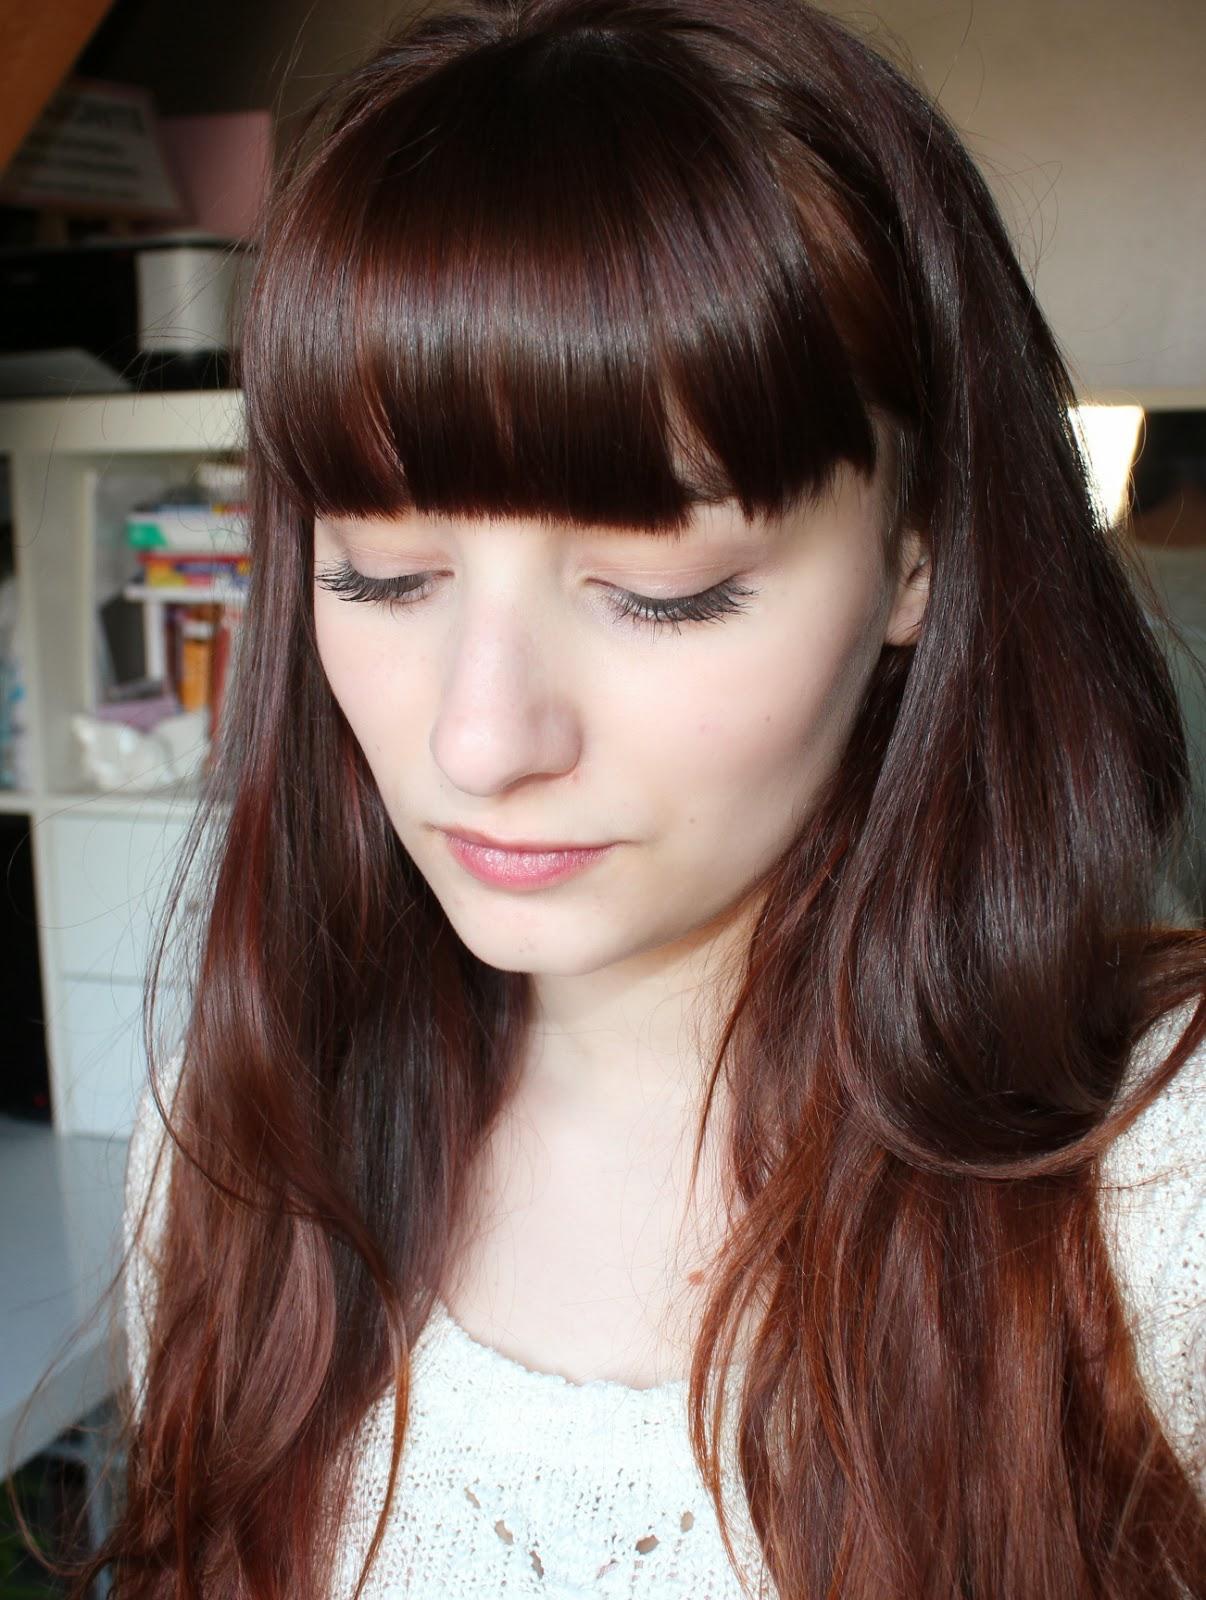 couleur auburn sur cheveux chatain fonce coloration des cheveux moderne. Black Bedroom Furniture Sets. Home Design Ideas